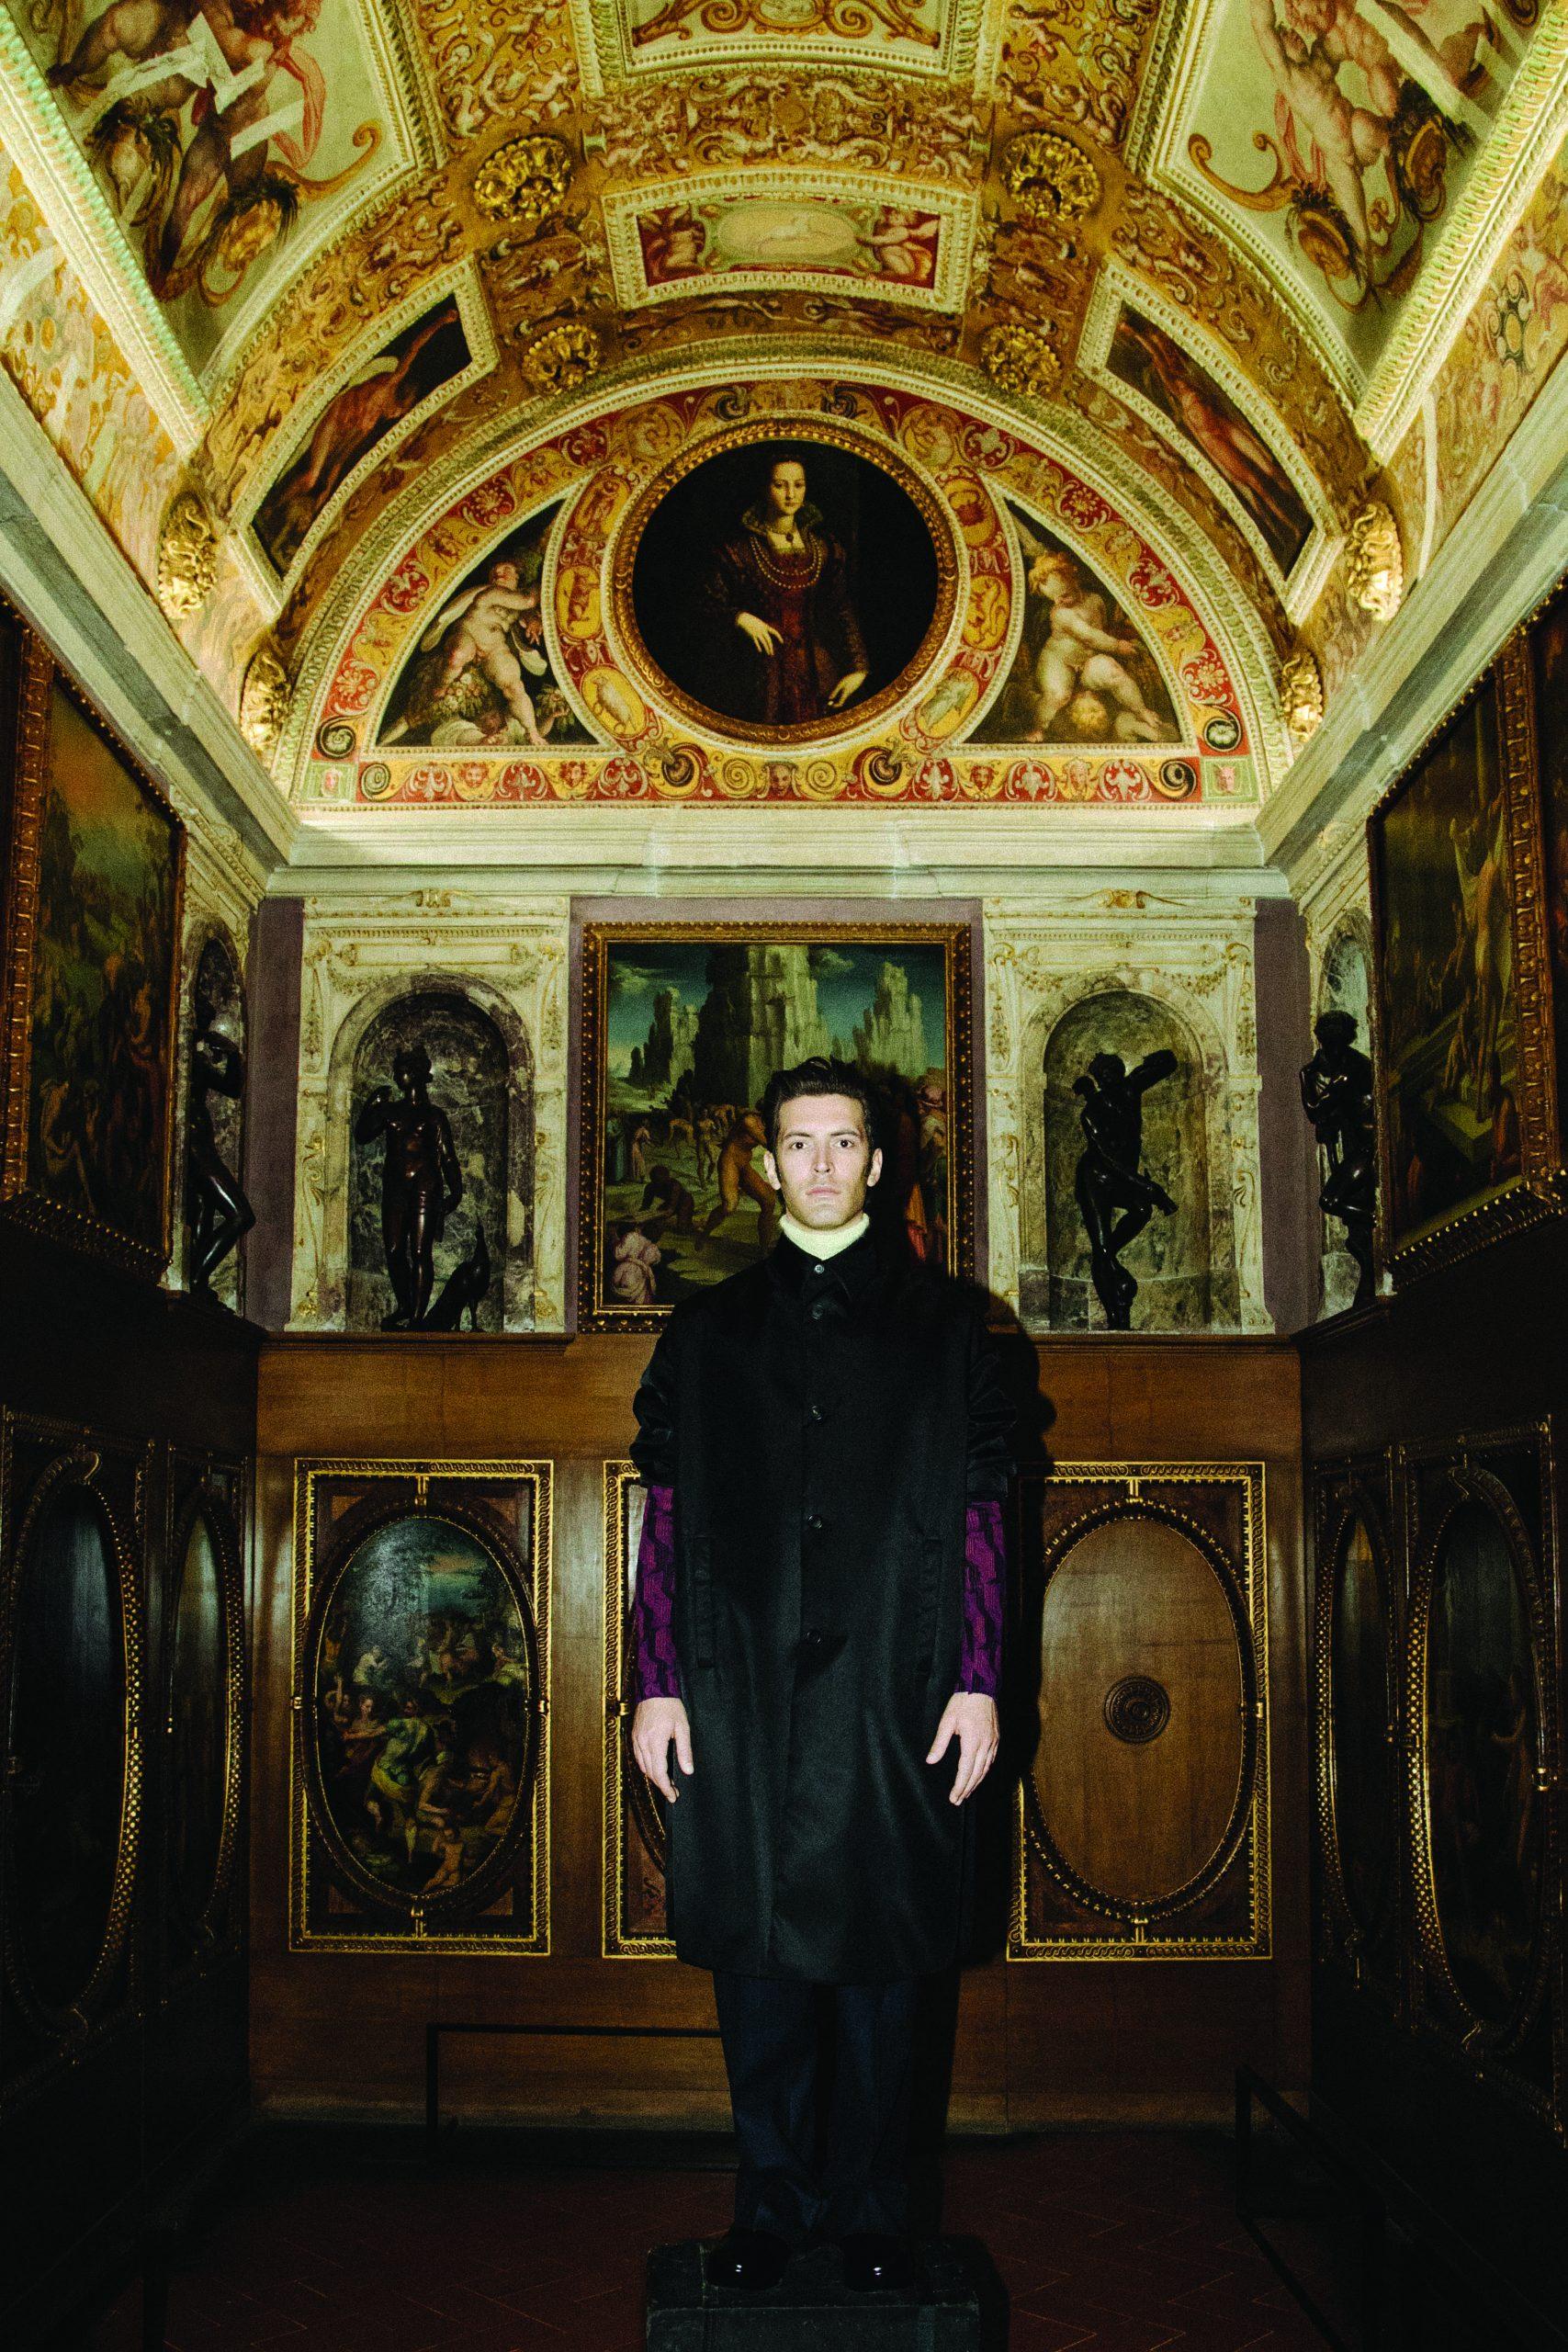 Giovanni Caccamo (Foto di A. Treves)